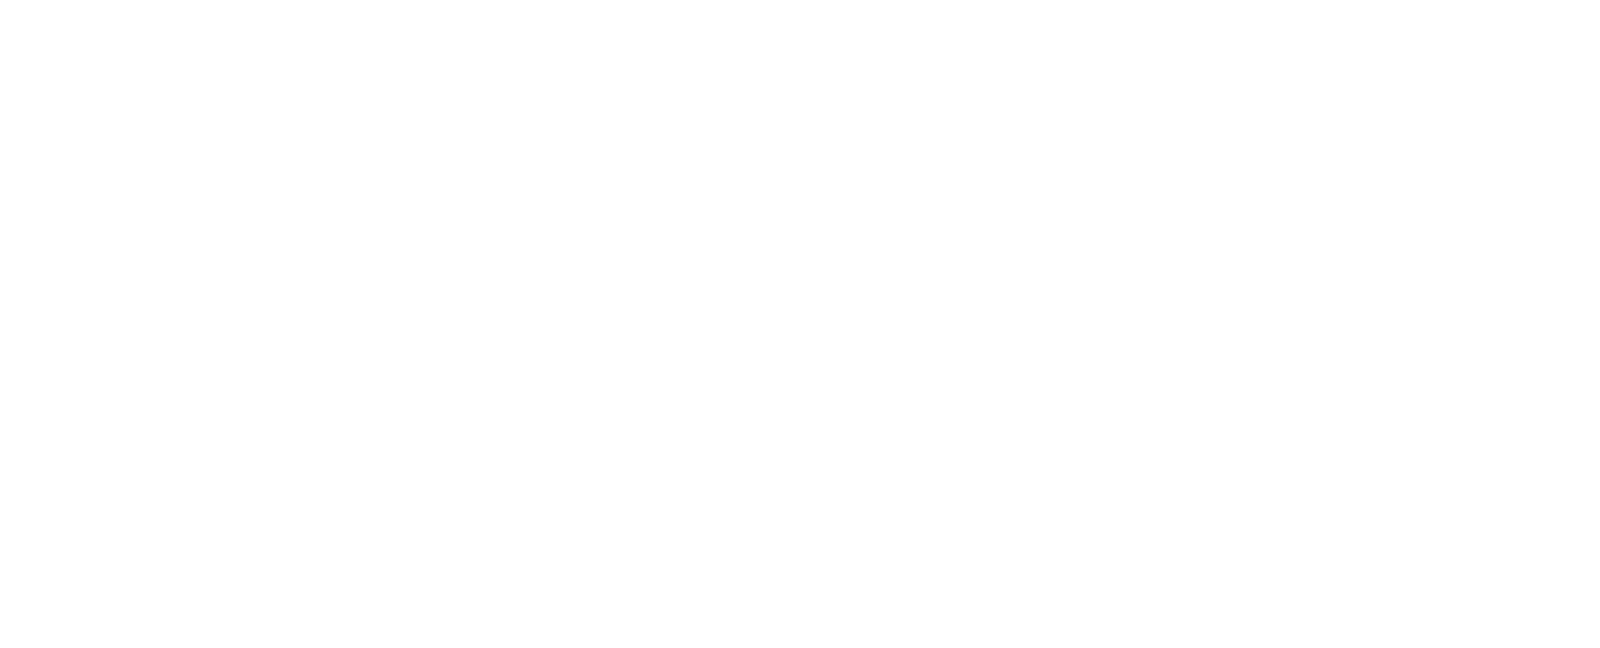 扬州鹏为软件有限公司——企业信息化建设服务供应商